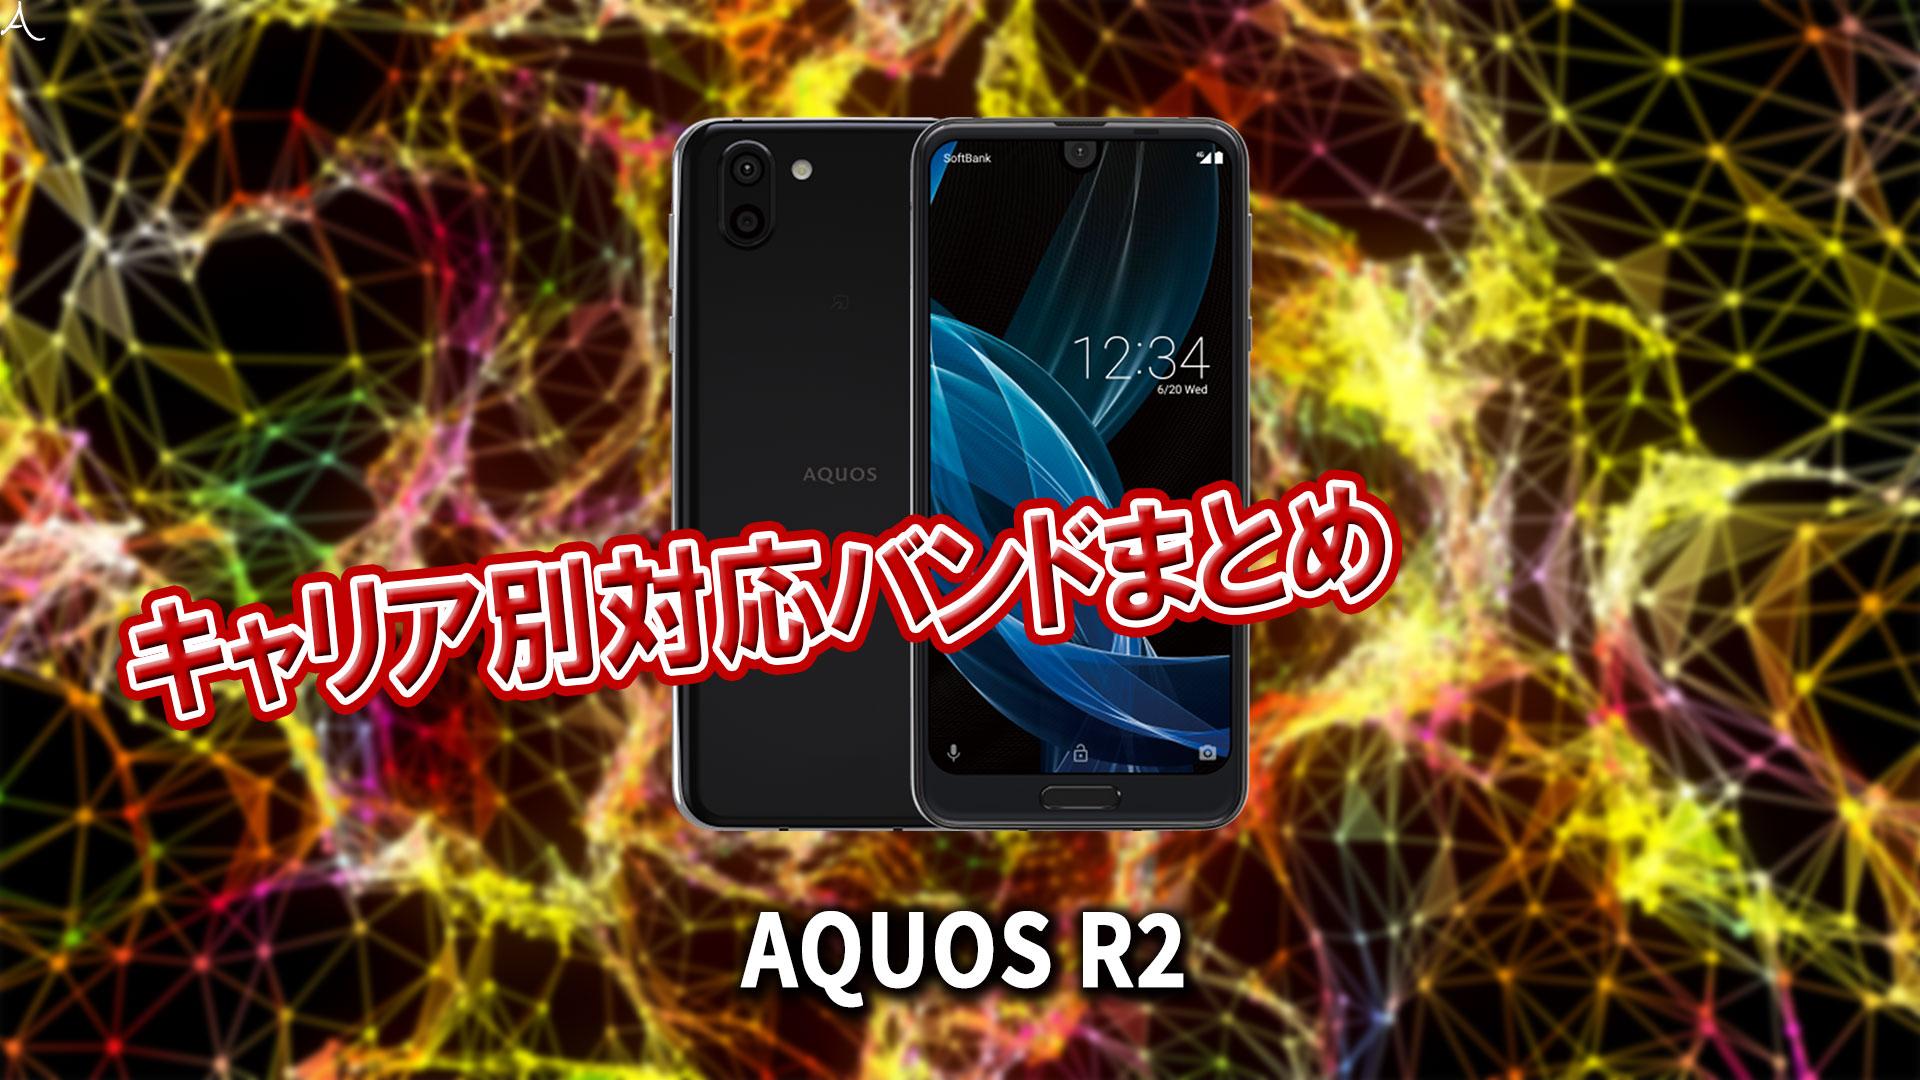 「AQUOS R2」の4G/LTE対応バンドまとめ